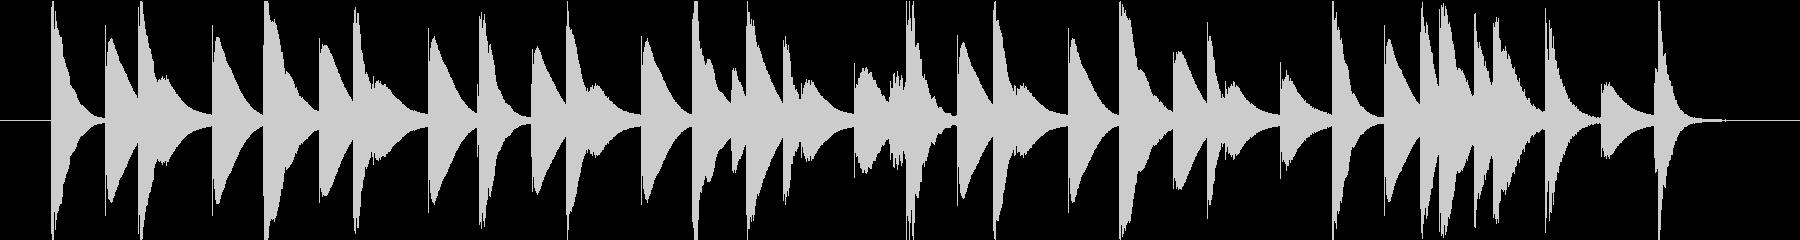 ほのぼのとした木琴のジングルの未再生の波形